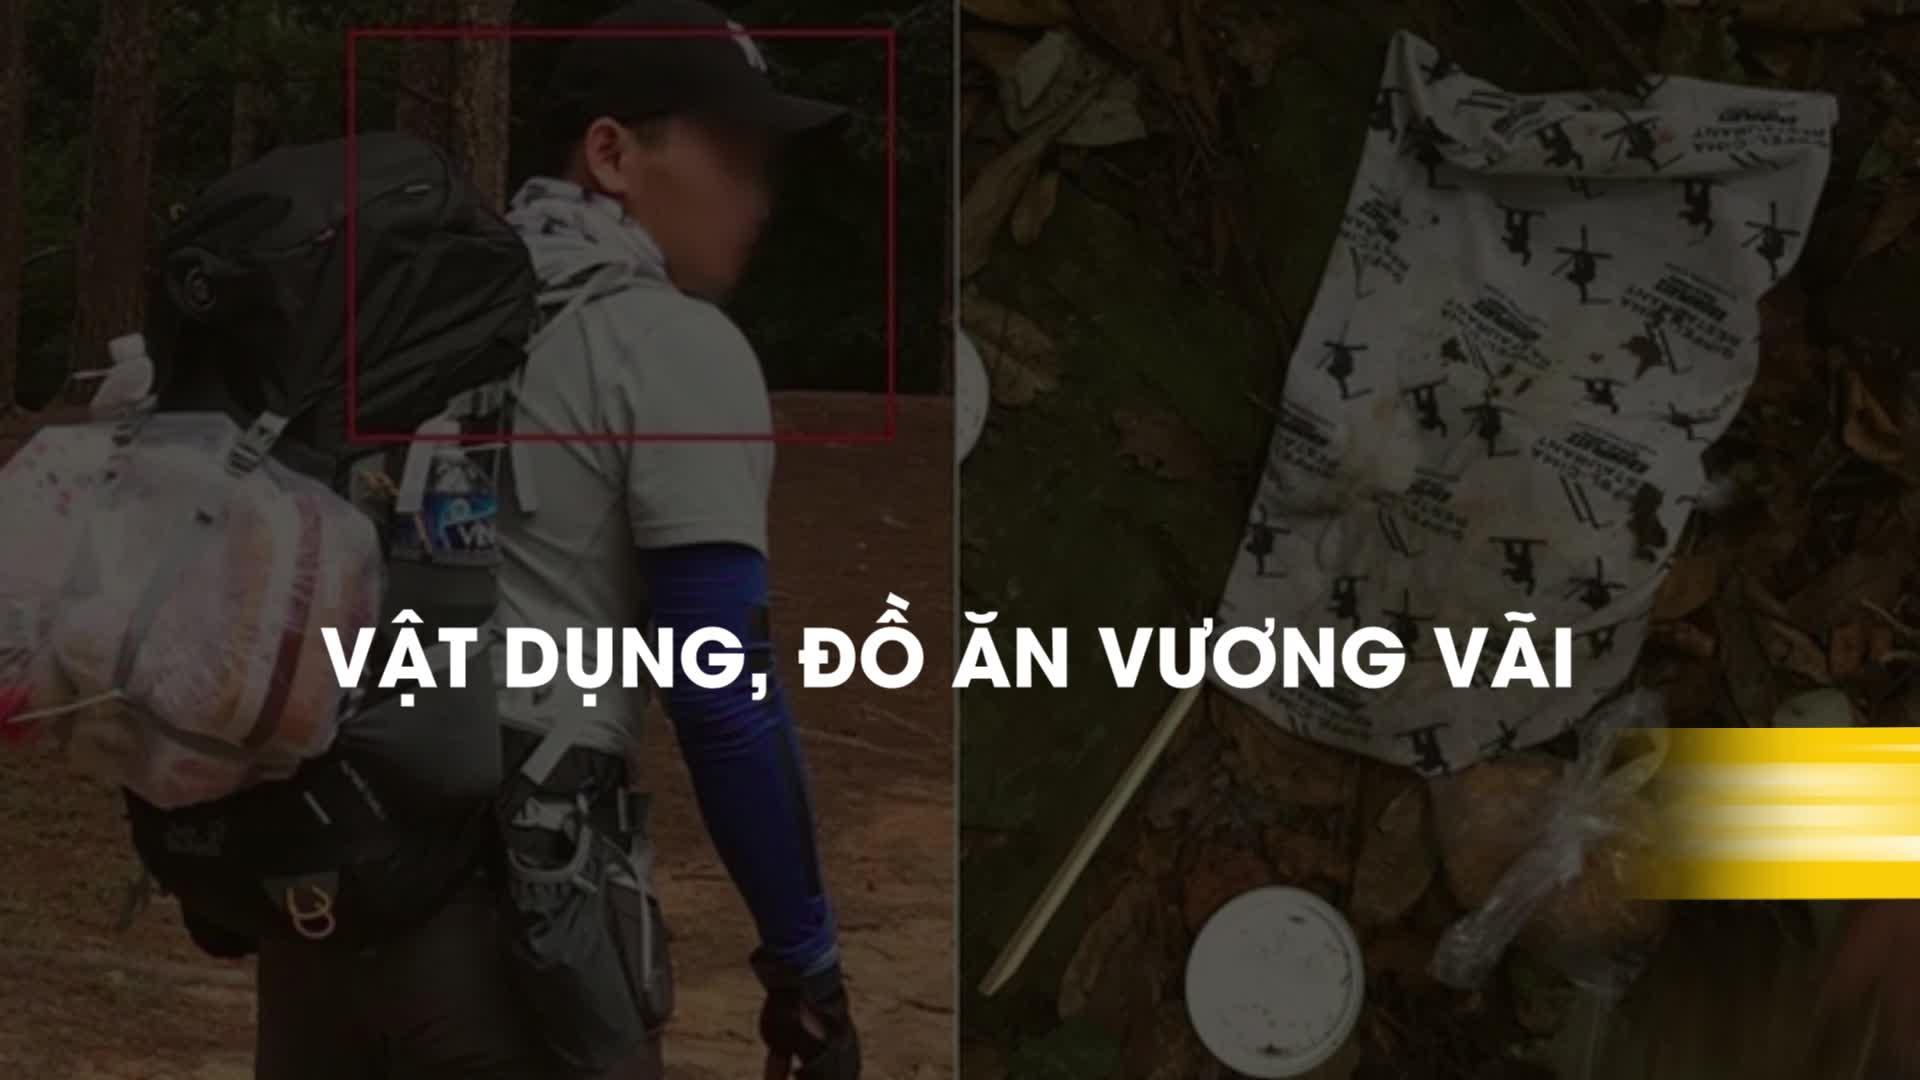 Vật dụng, đồ ăn vương vãi giúp xác định vị trí phượt thủ mất tích ở Tà Năng - Phan Dũng